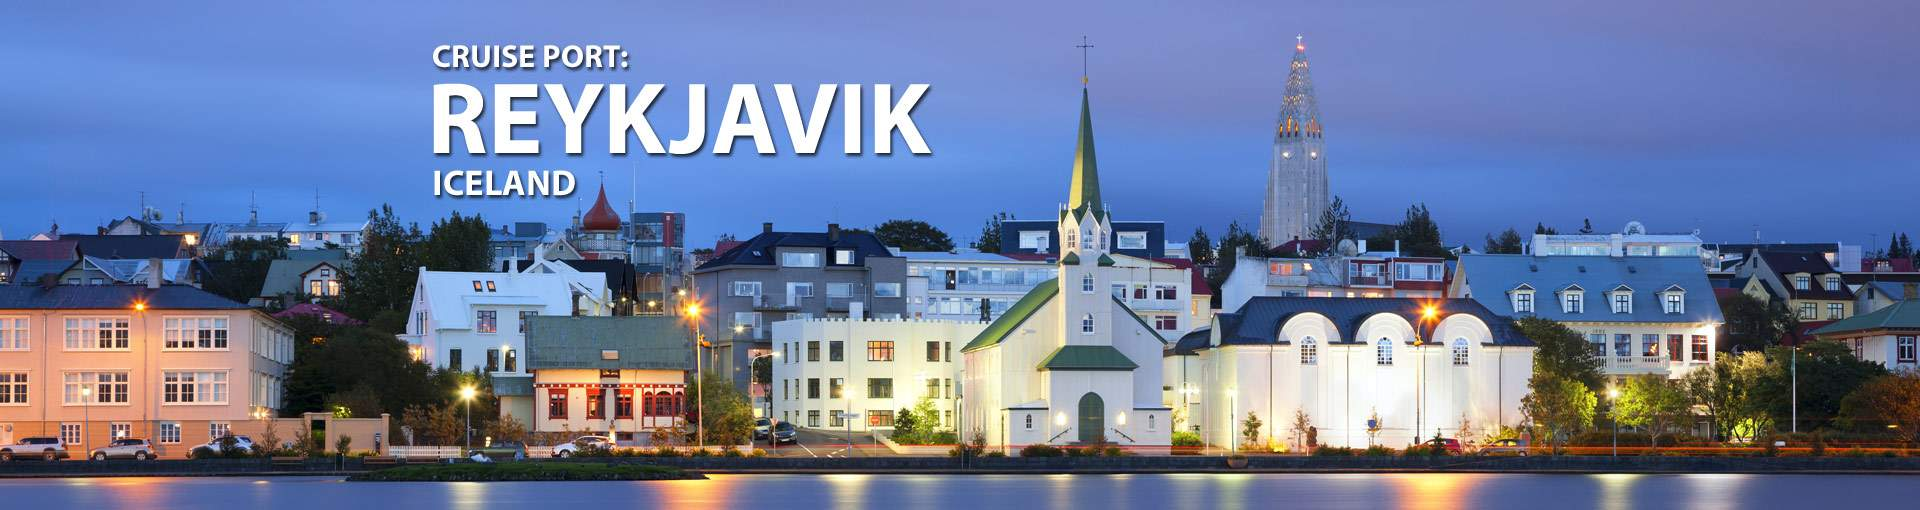 Reykjavik Iceland Cruise Port 2018 And 2019 Cruises From